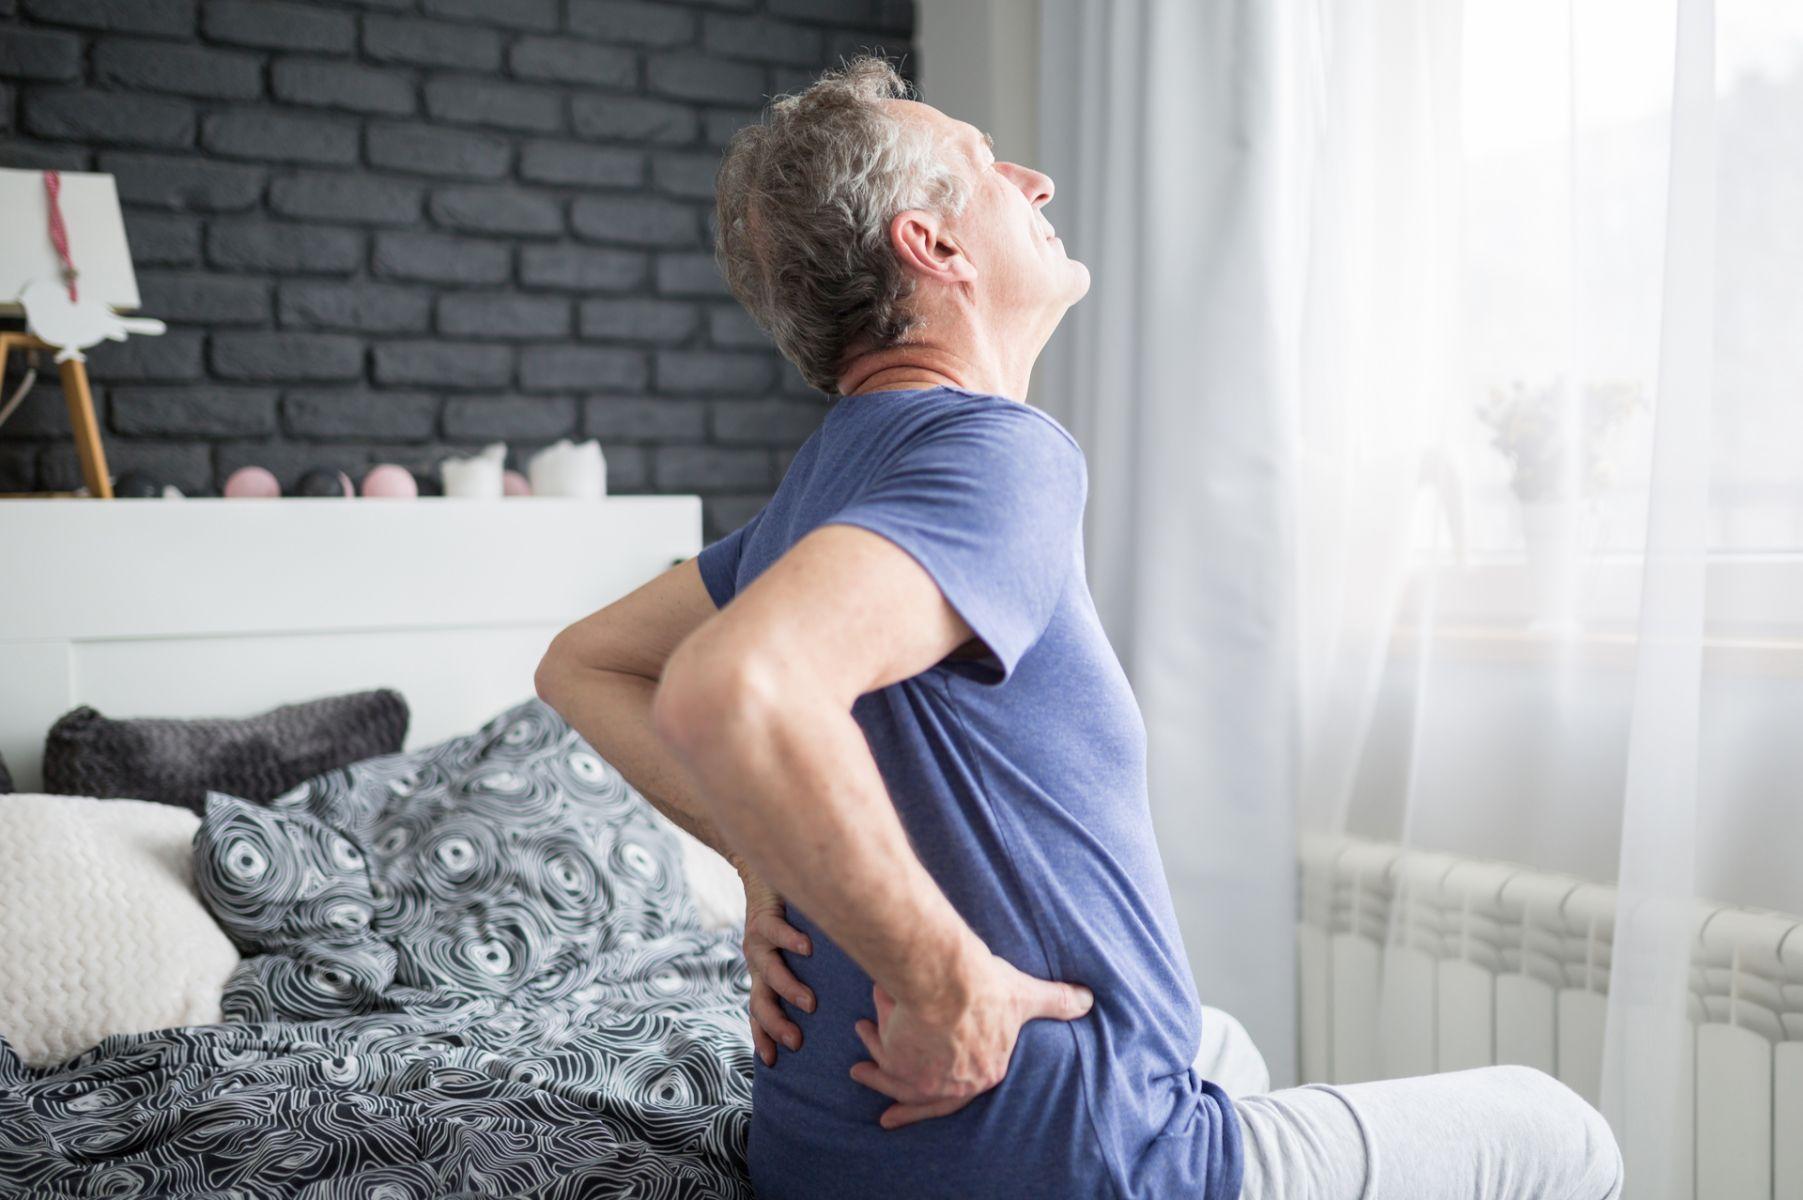 錯把直腸腫瘤當痔瘡 阿公強忍疼痛坐立難安